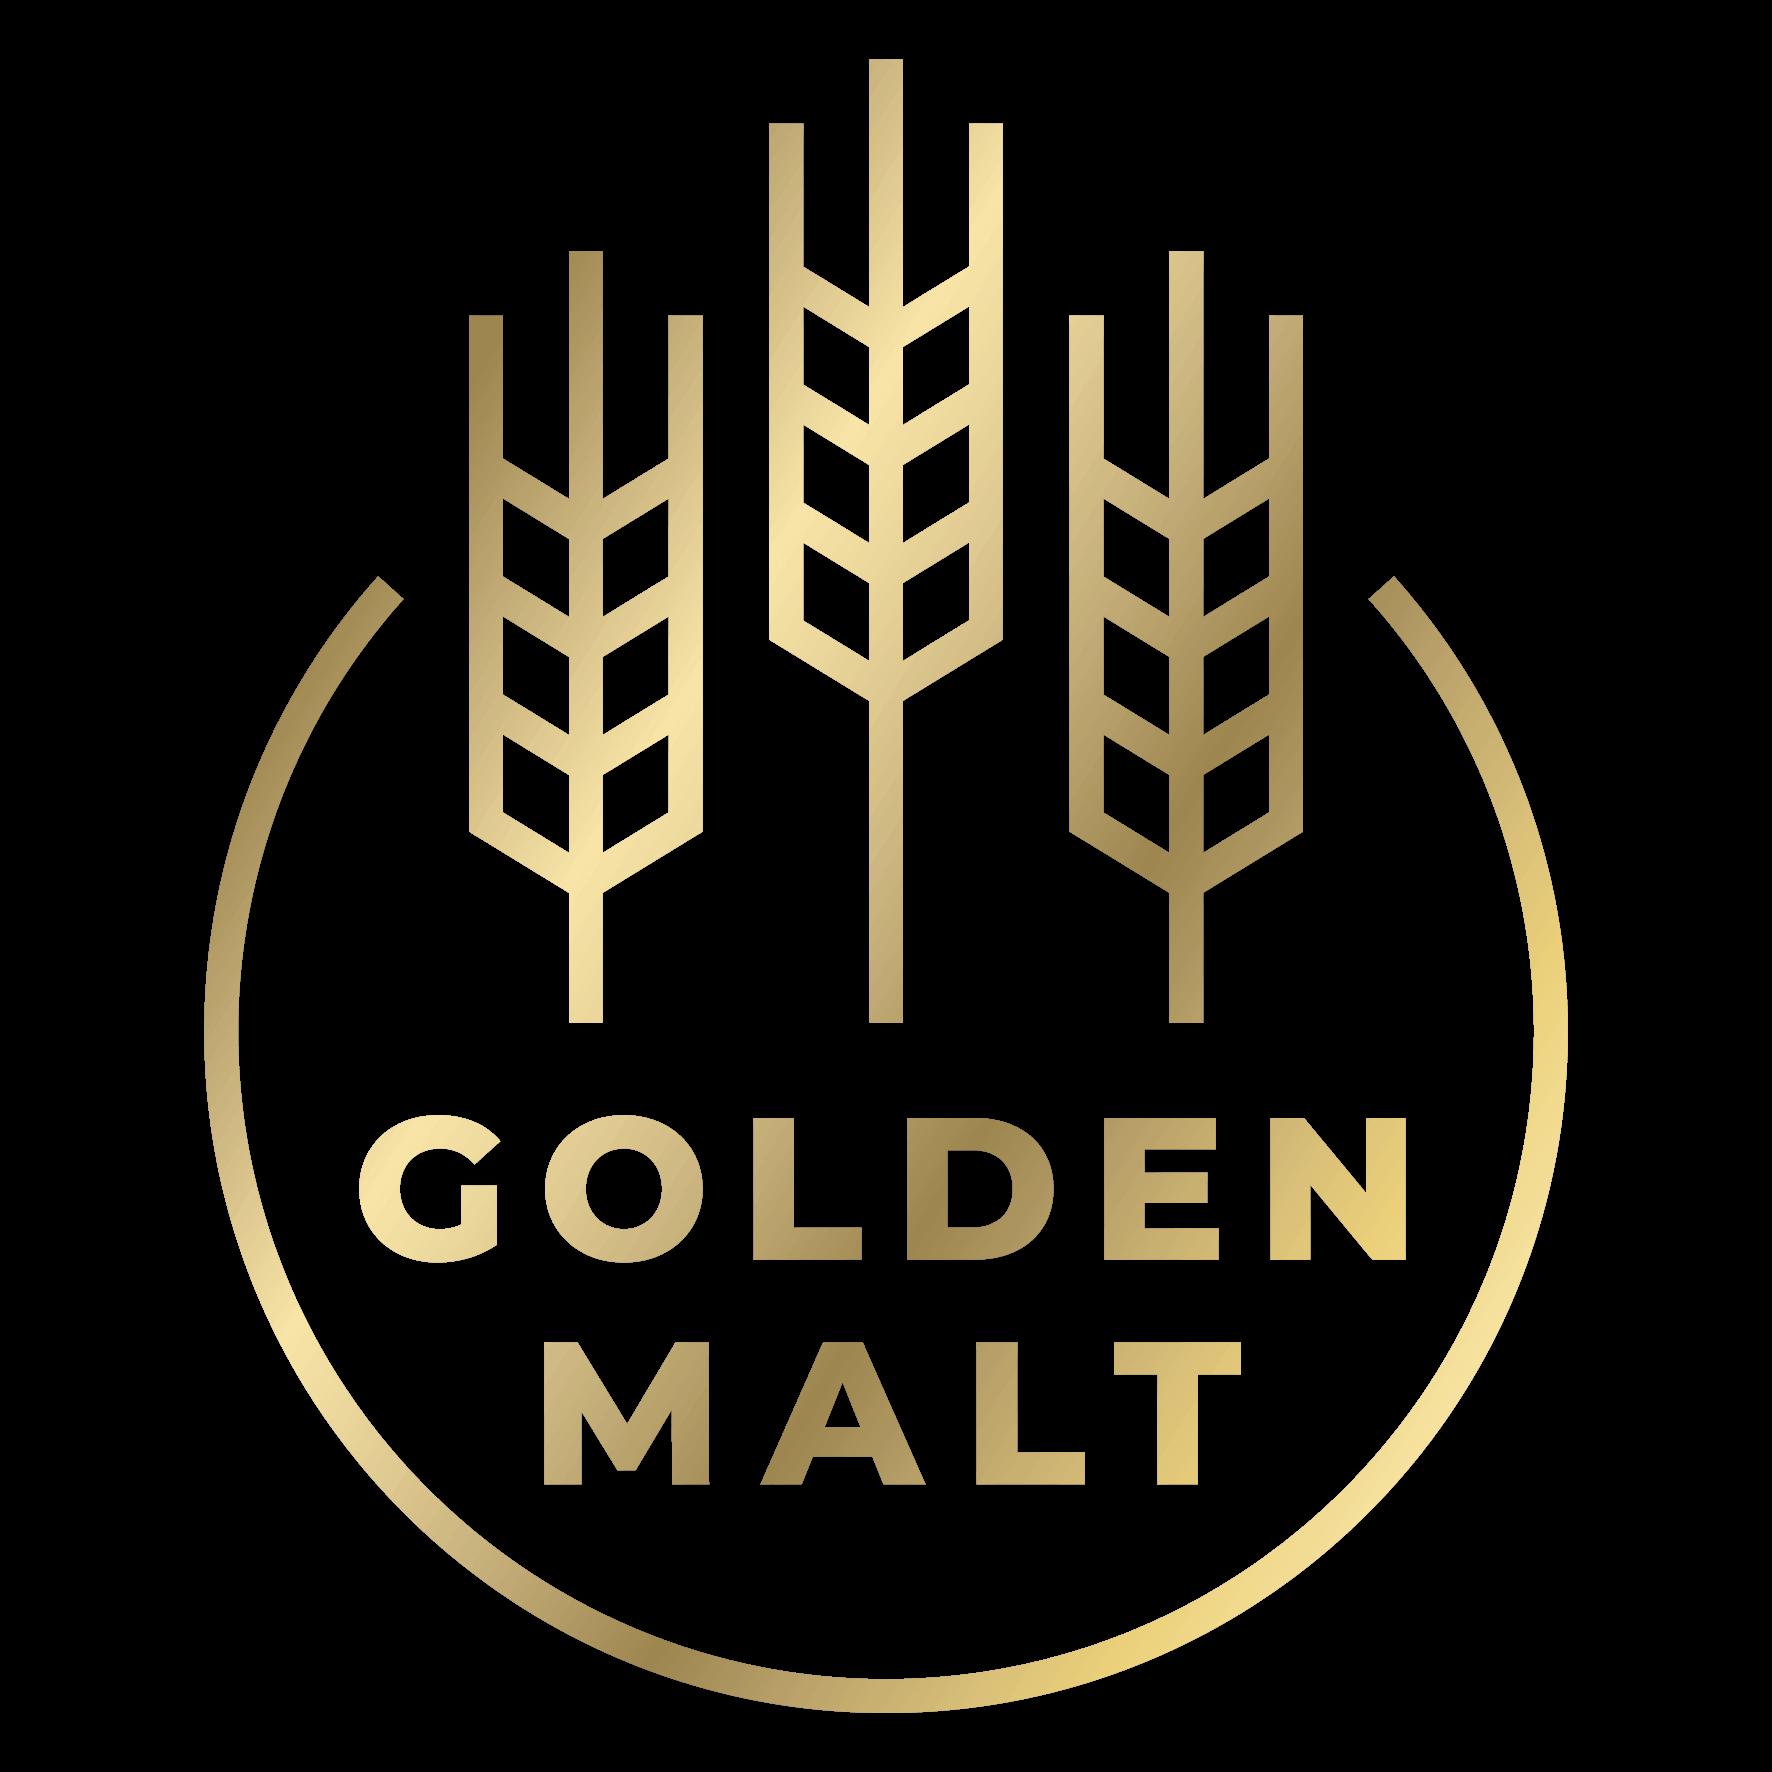 Golden Malt logo.